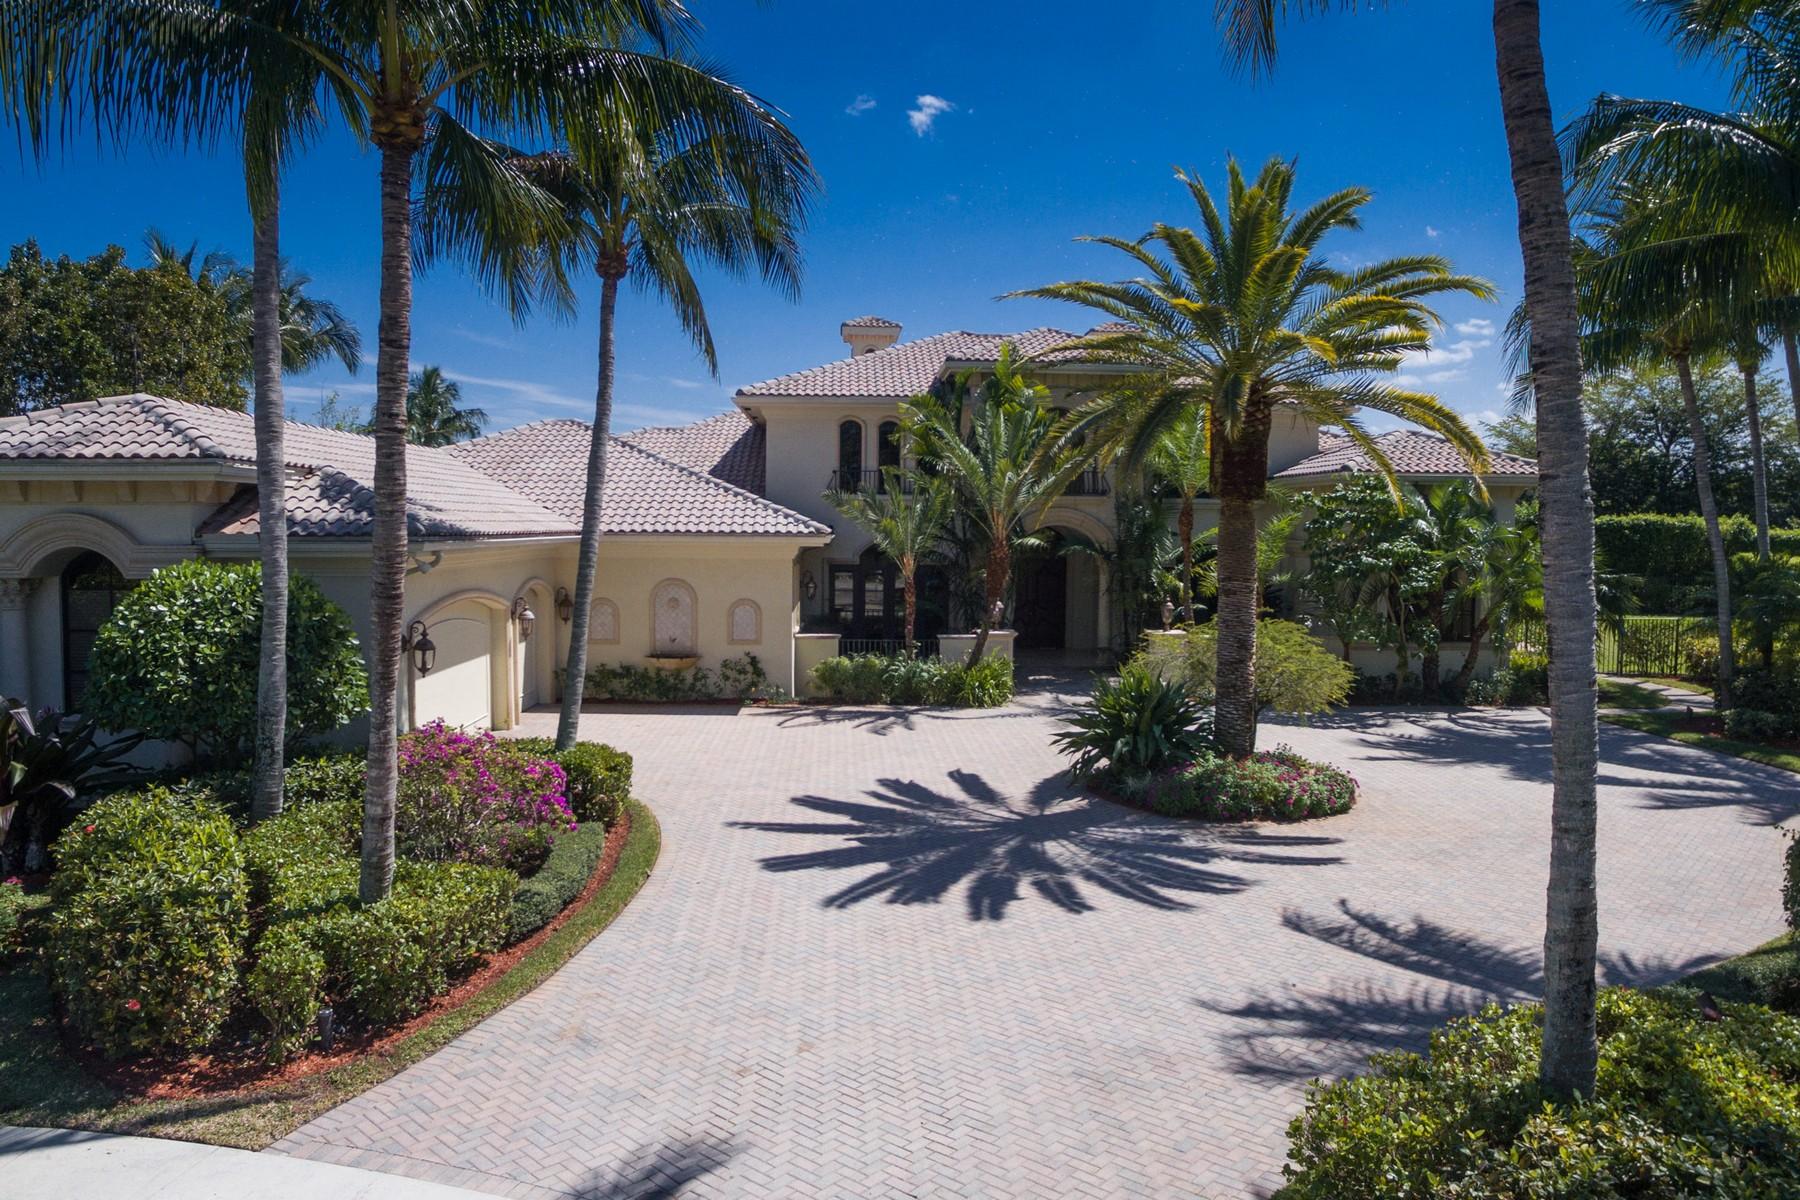 一戸建て のために 売買 アット 5562 Vintage Oaks Terr , Delray Beach, FL 33484 5562 Vintage Oaks Terr Delray Beach, フロリダ, 33484 アメリカ合衆国